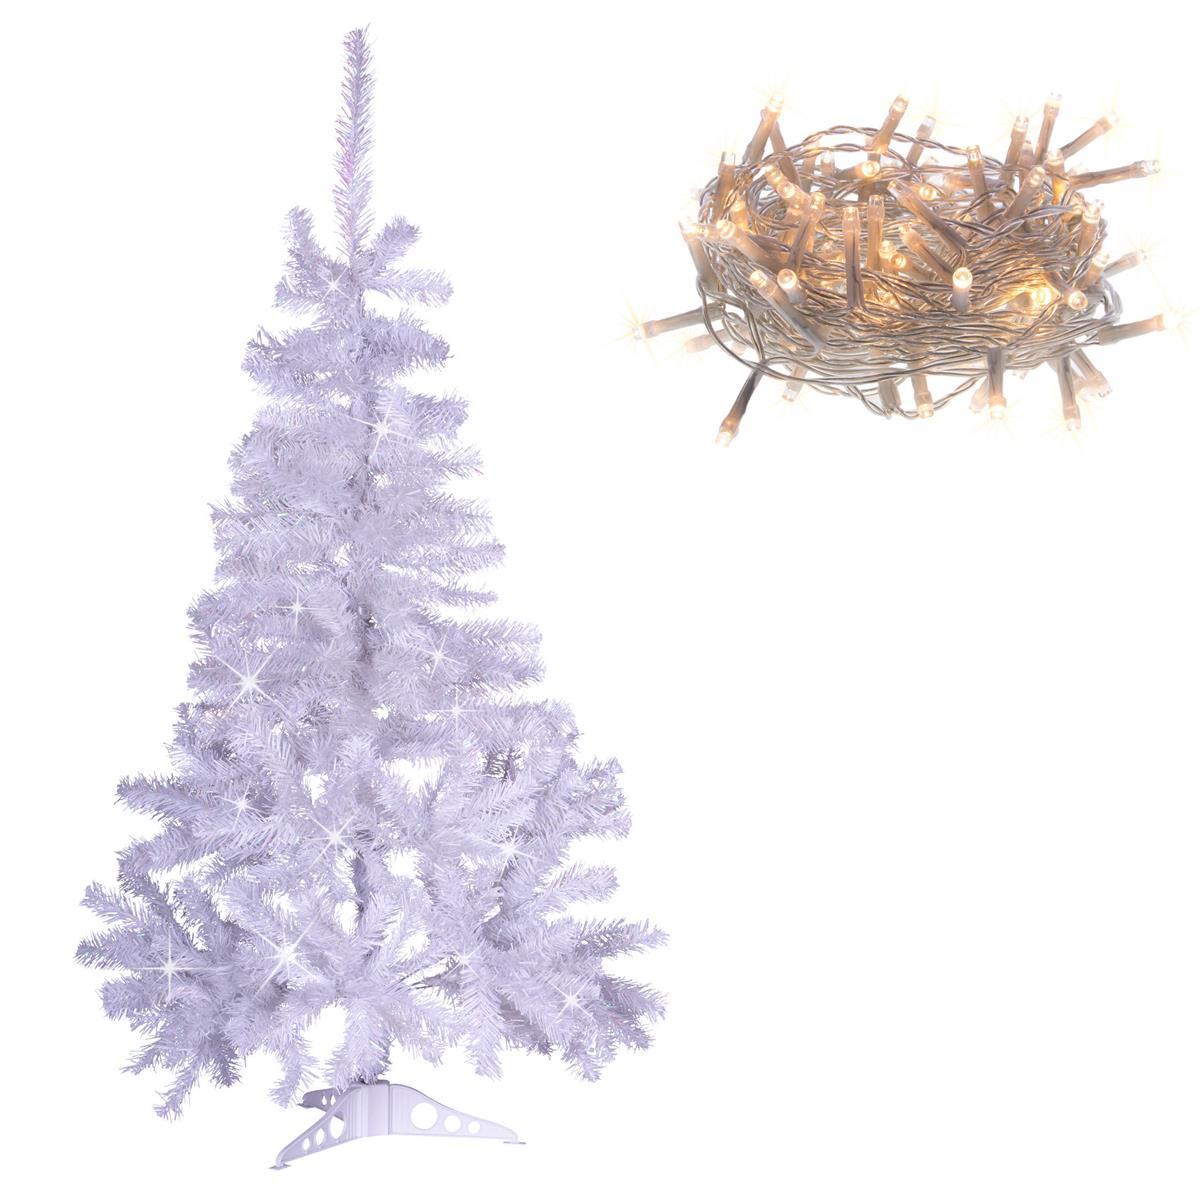 """Weihnachtsbaum """"weiß"""" mit Glitzereffekt - 150 cm Christbaum mit Ständer zzgl. 10"""